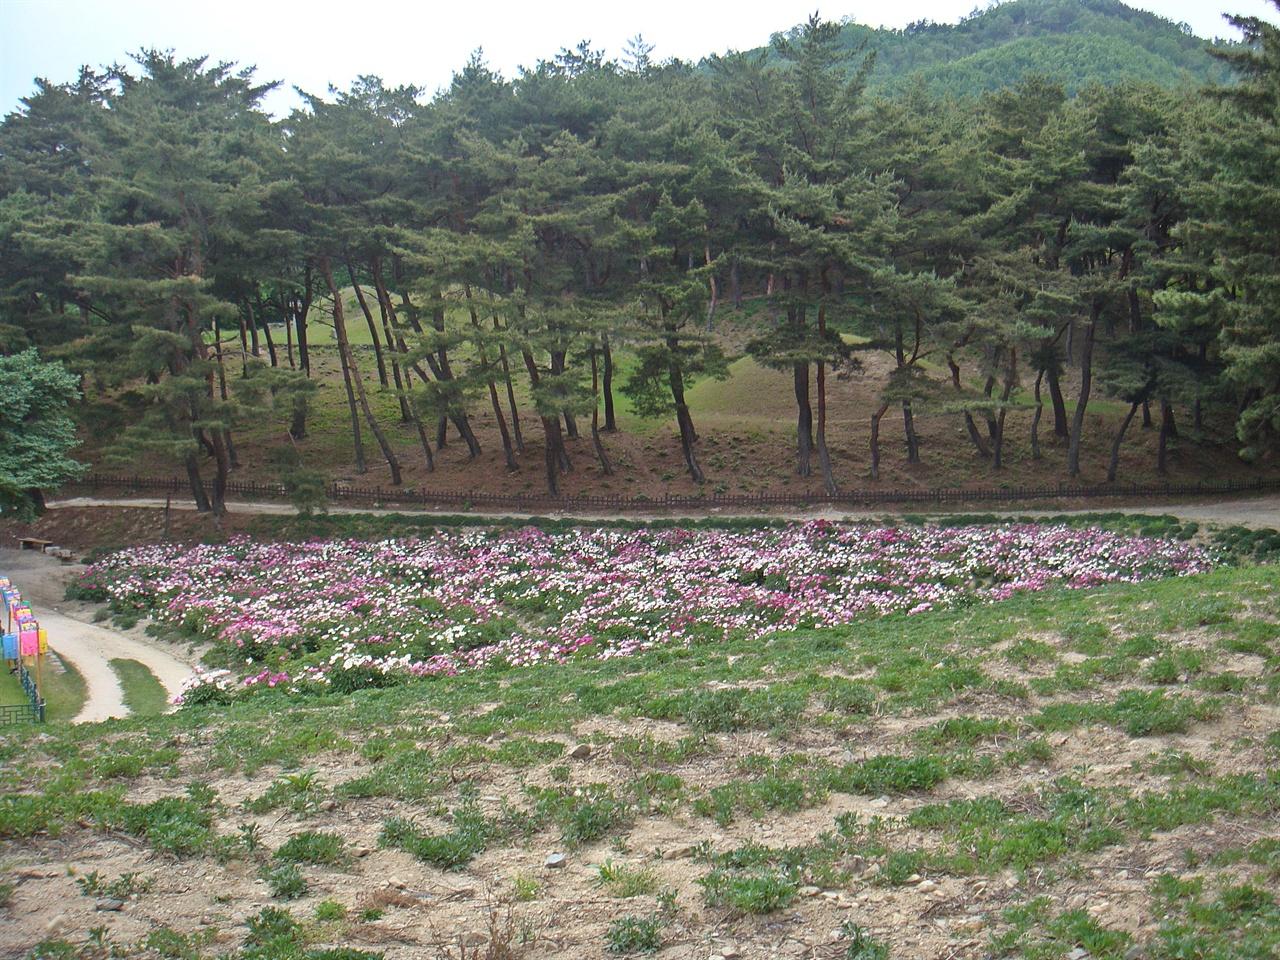 선도산 기슭 작약꽃이 활짝 핀 사이로 헌안왕릉과 문성왕릉의 모습이 보인다.